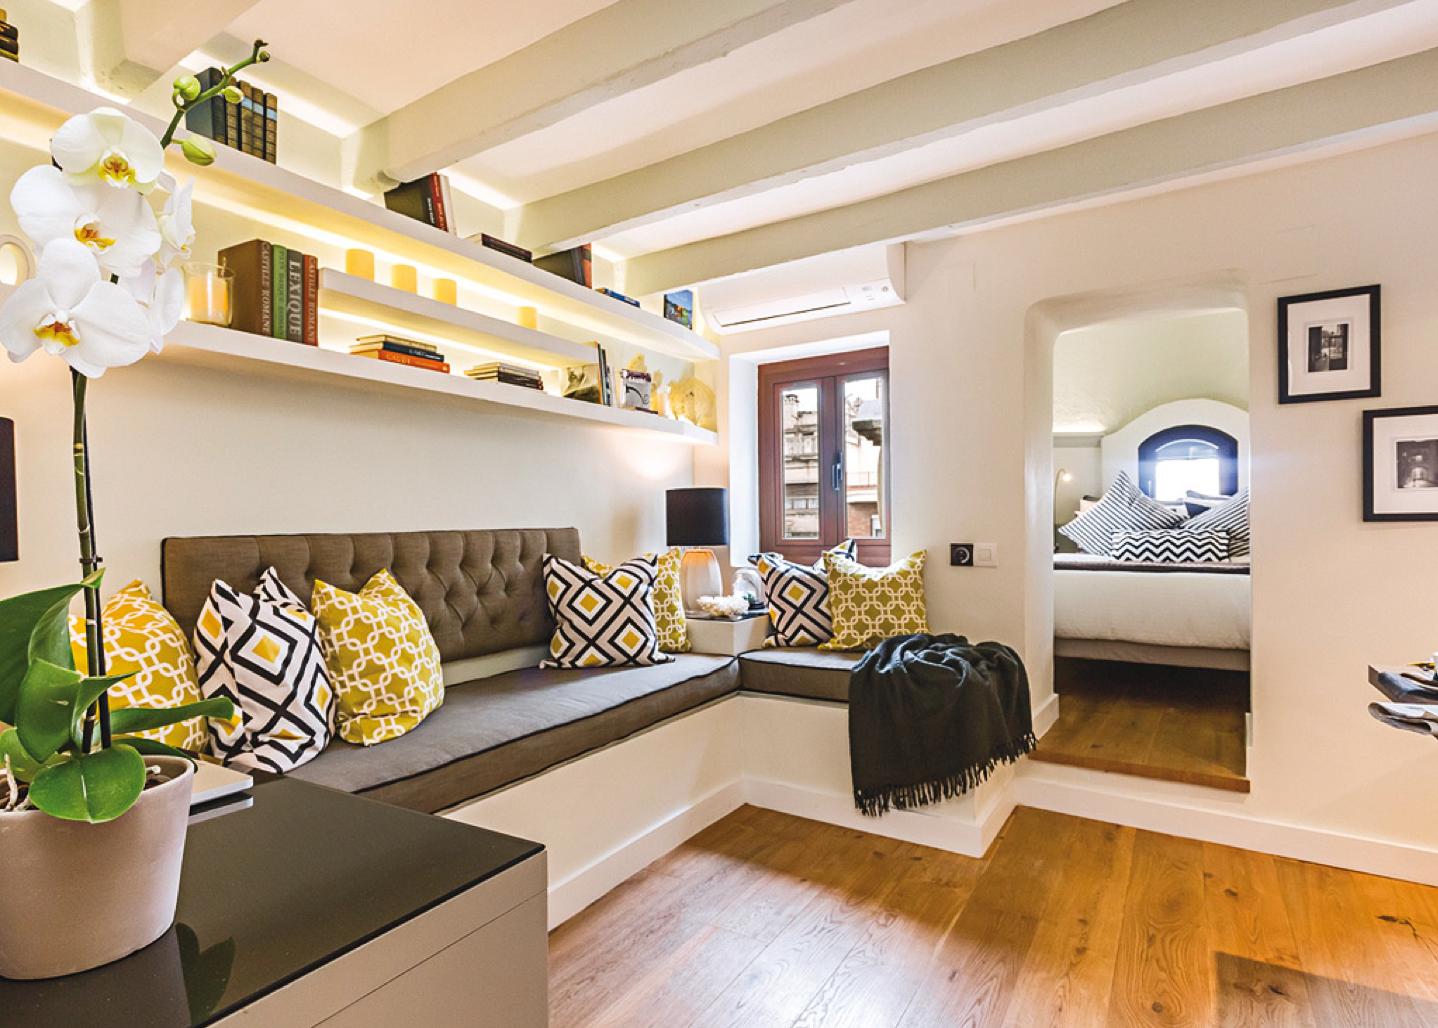 Boiserie c vivere meravigliosamente in 20 metri quadrati - Calcolare i metri quadri di una casa ...